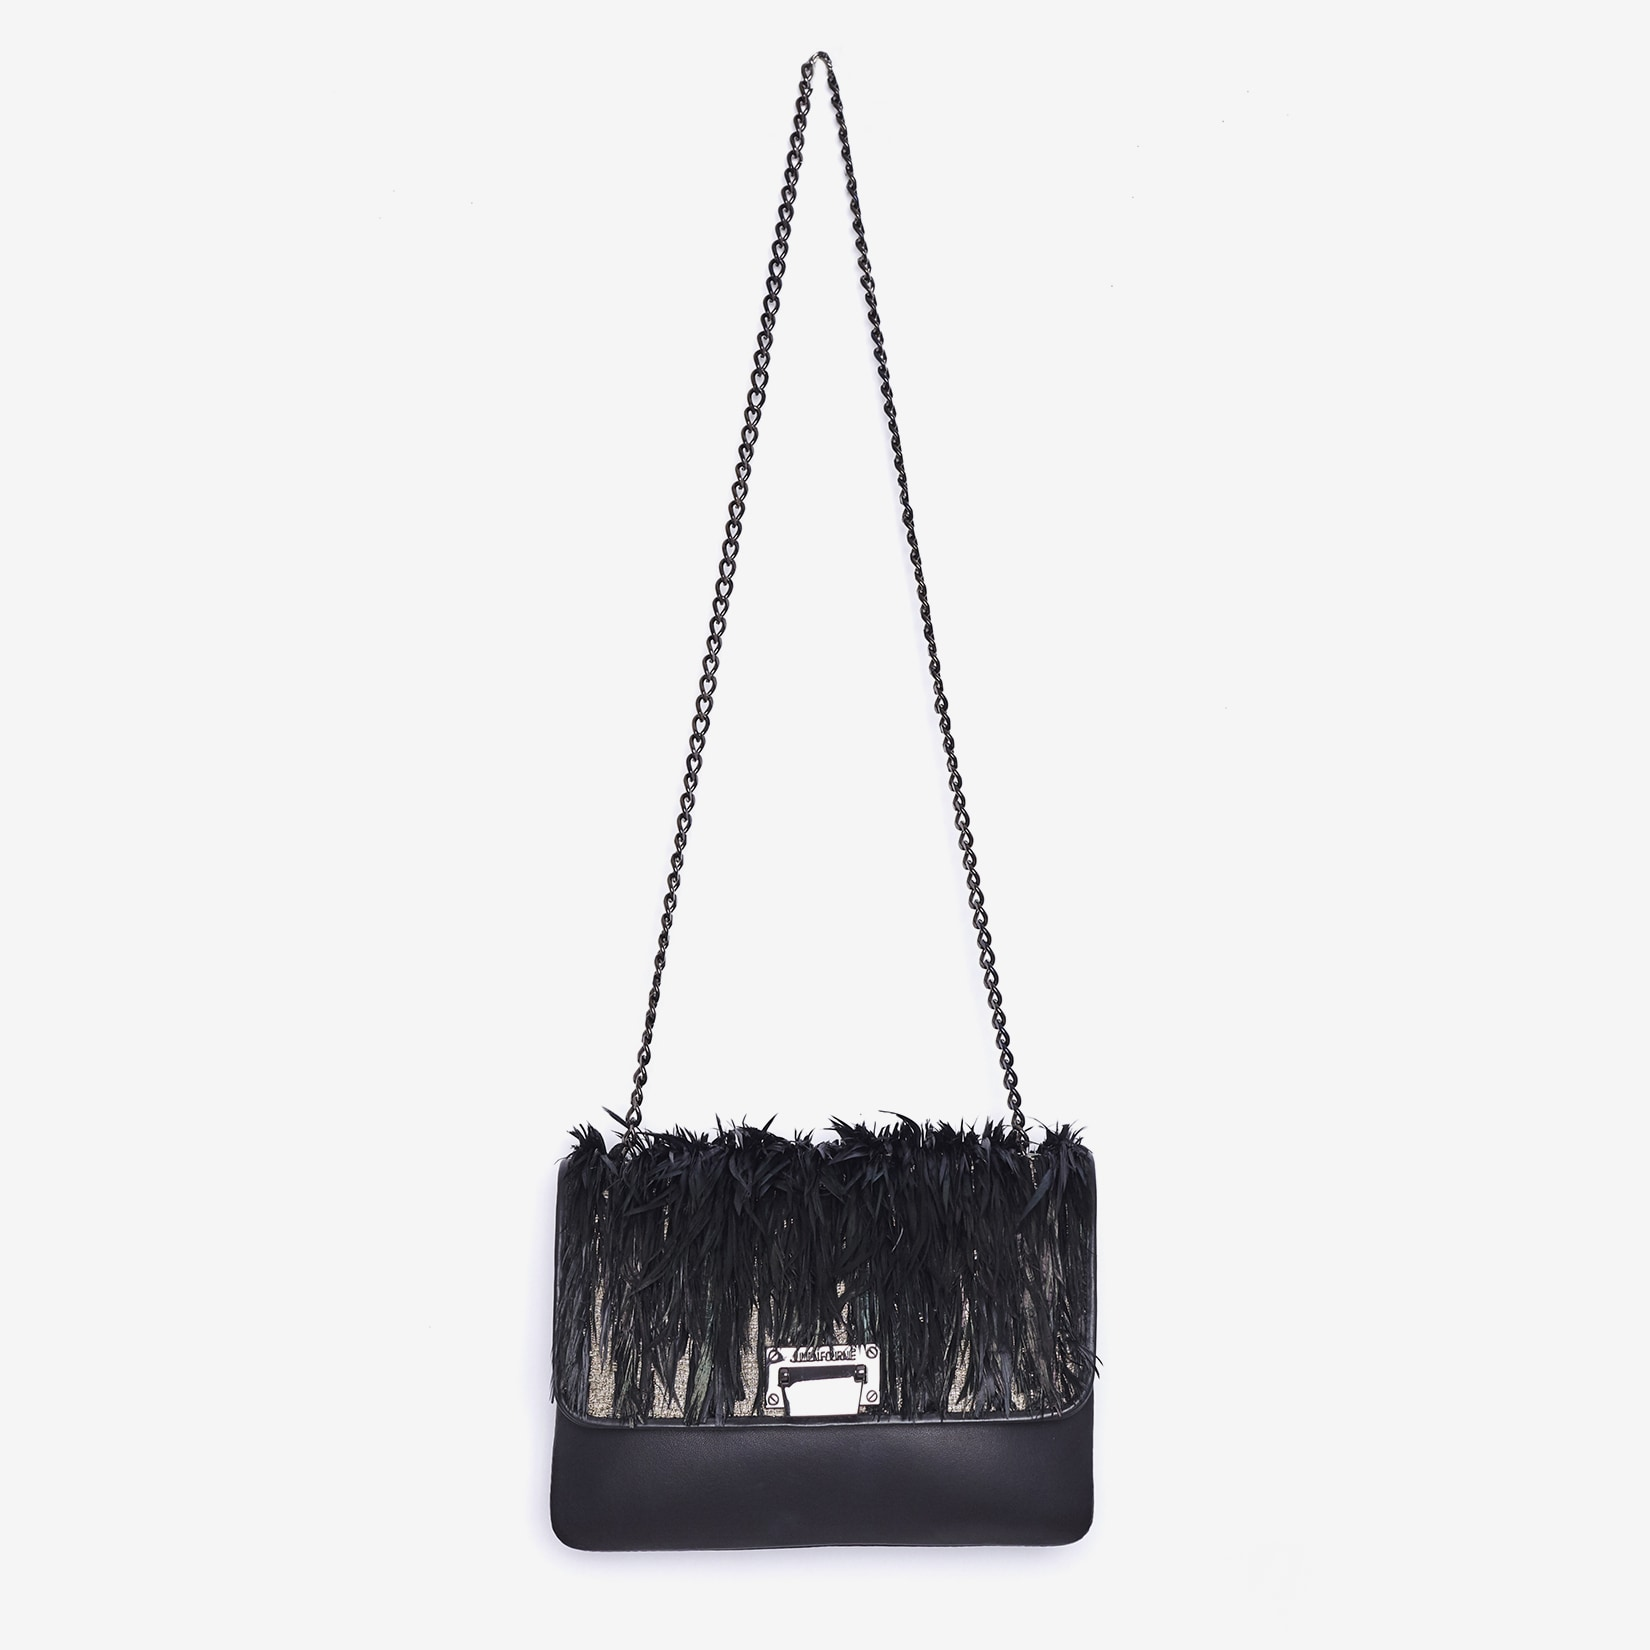 Condor Handbag